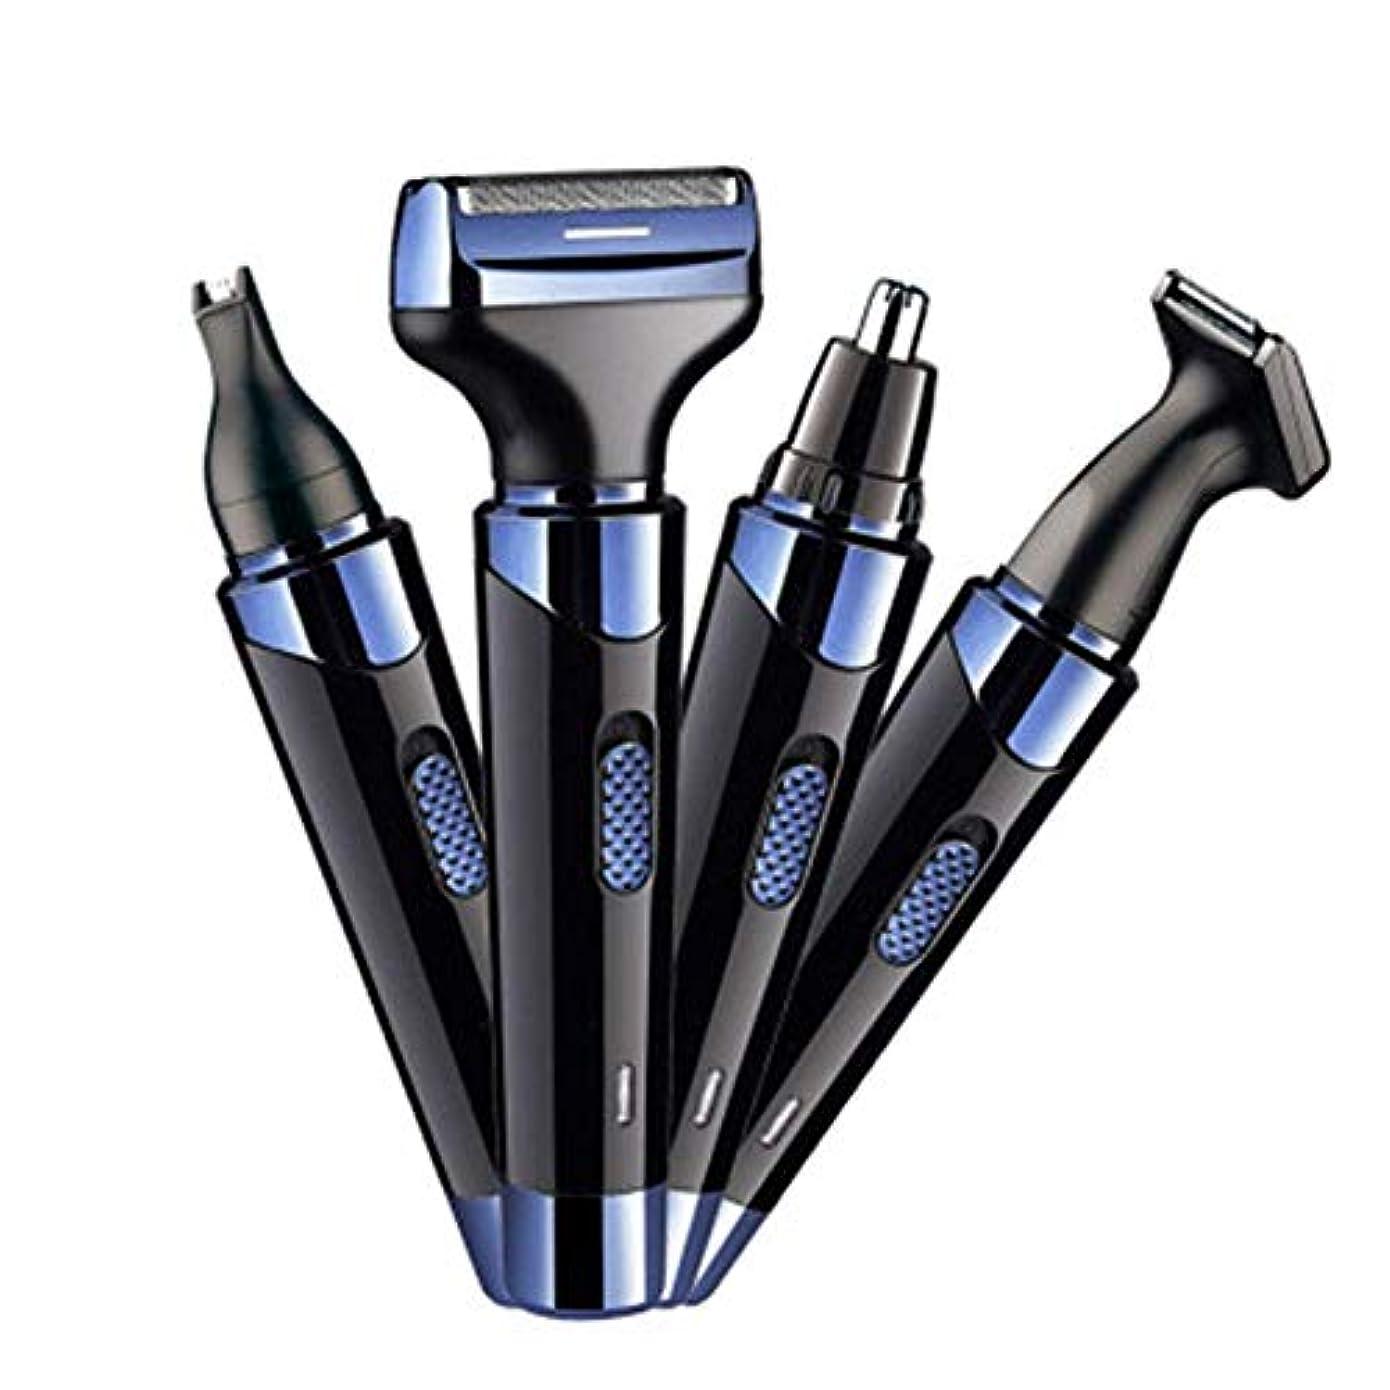 ブレーキバレル販売員鼻毛トリマー4インチ1軽量防水電気メンズ多機能鼻毛トリマー